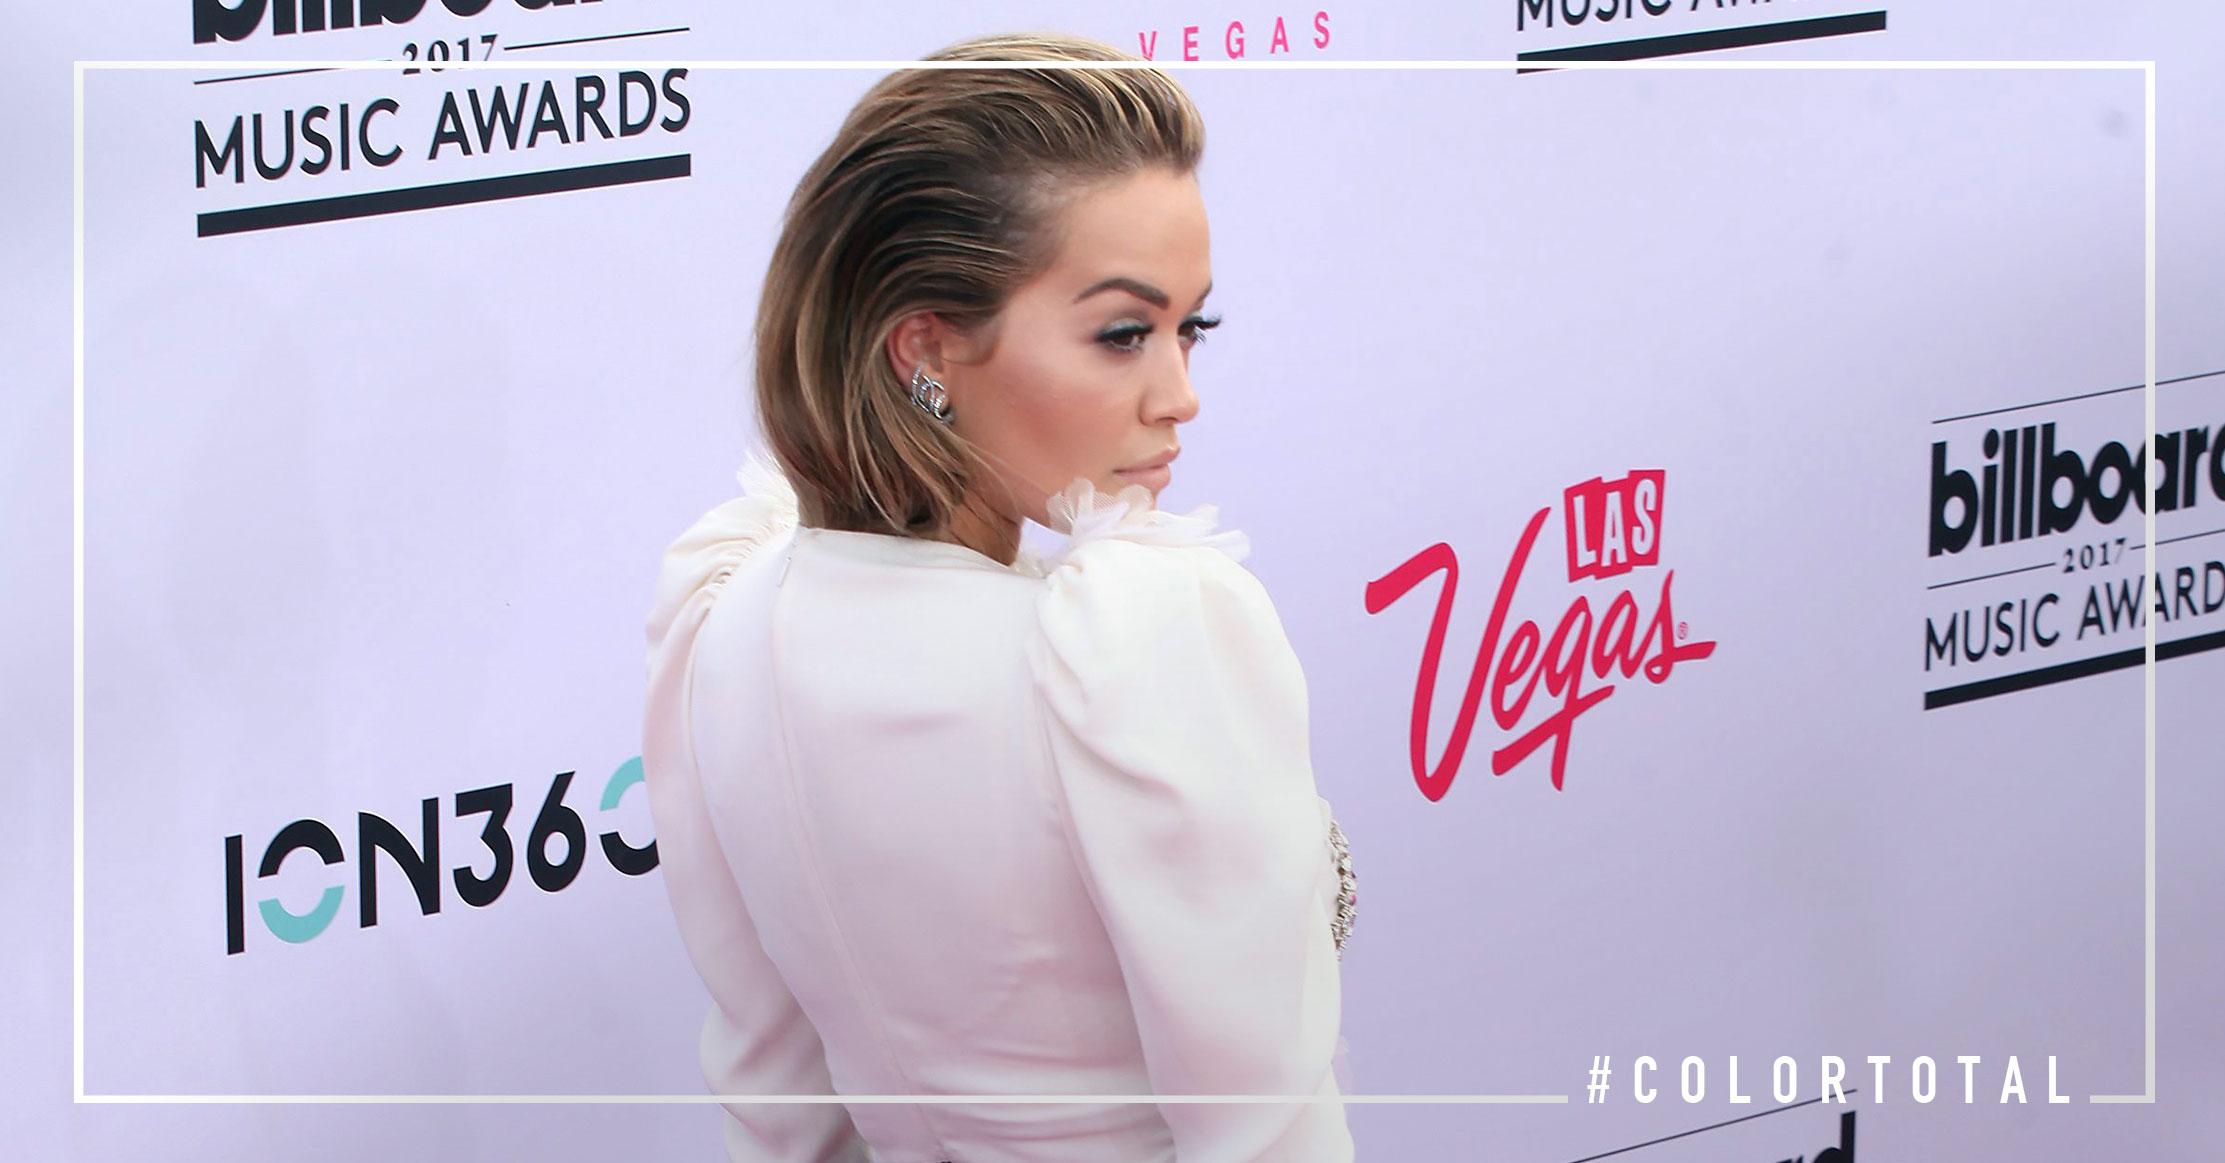 Mejores looks Billboard 2017